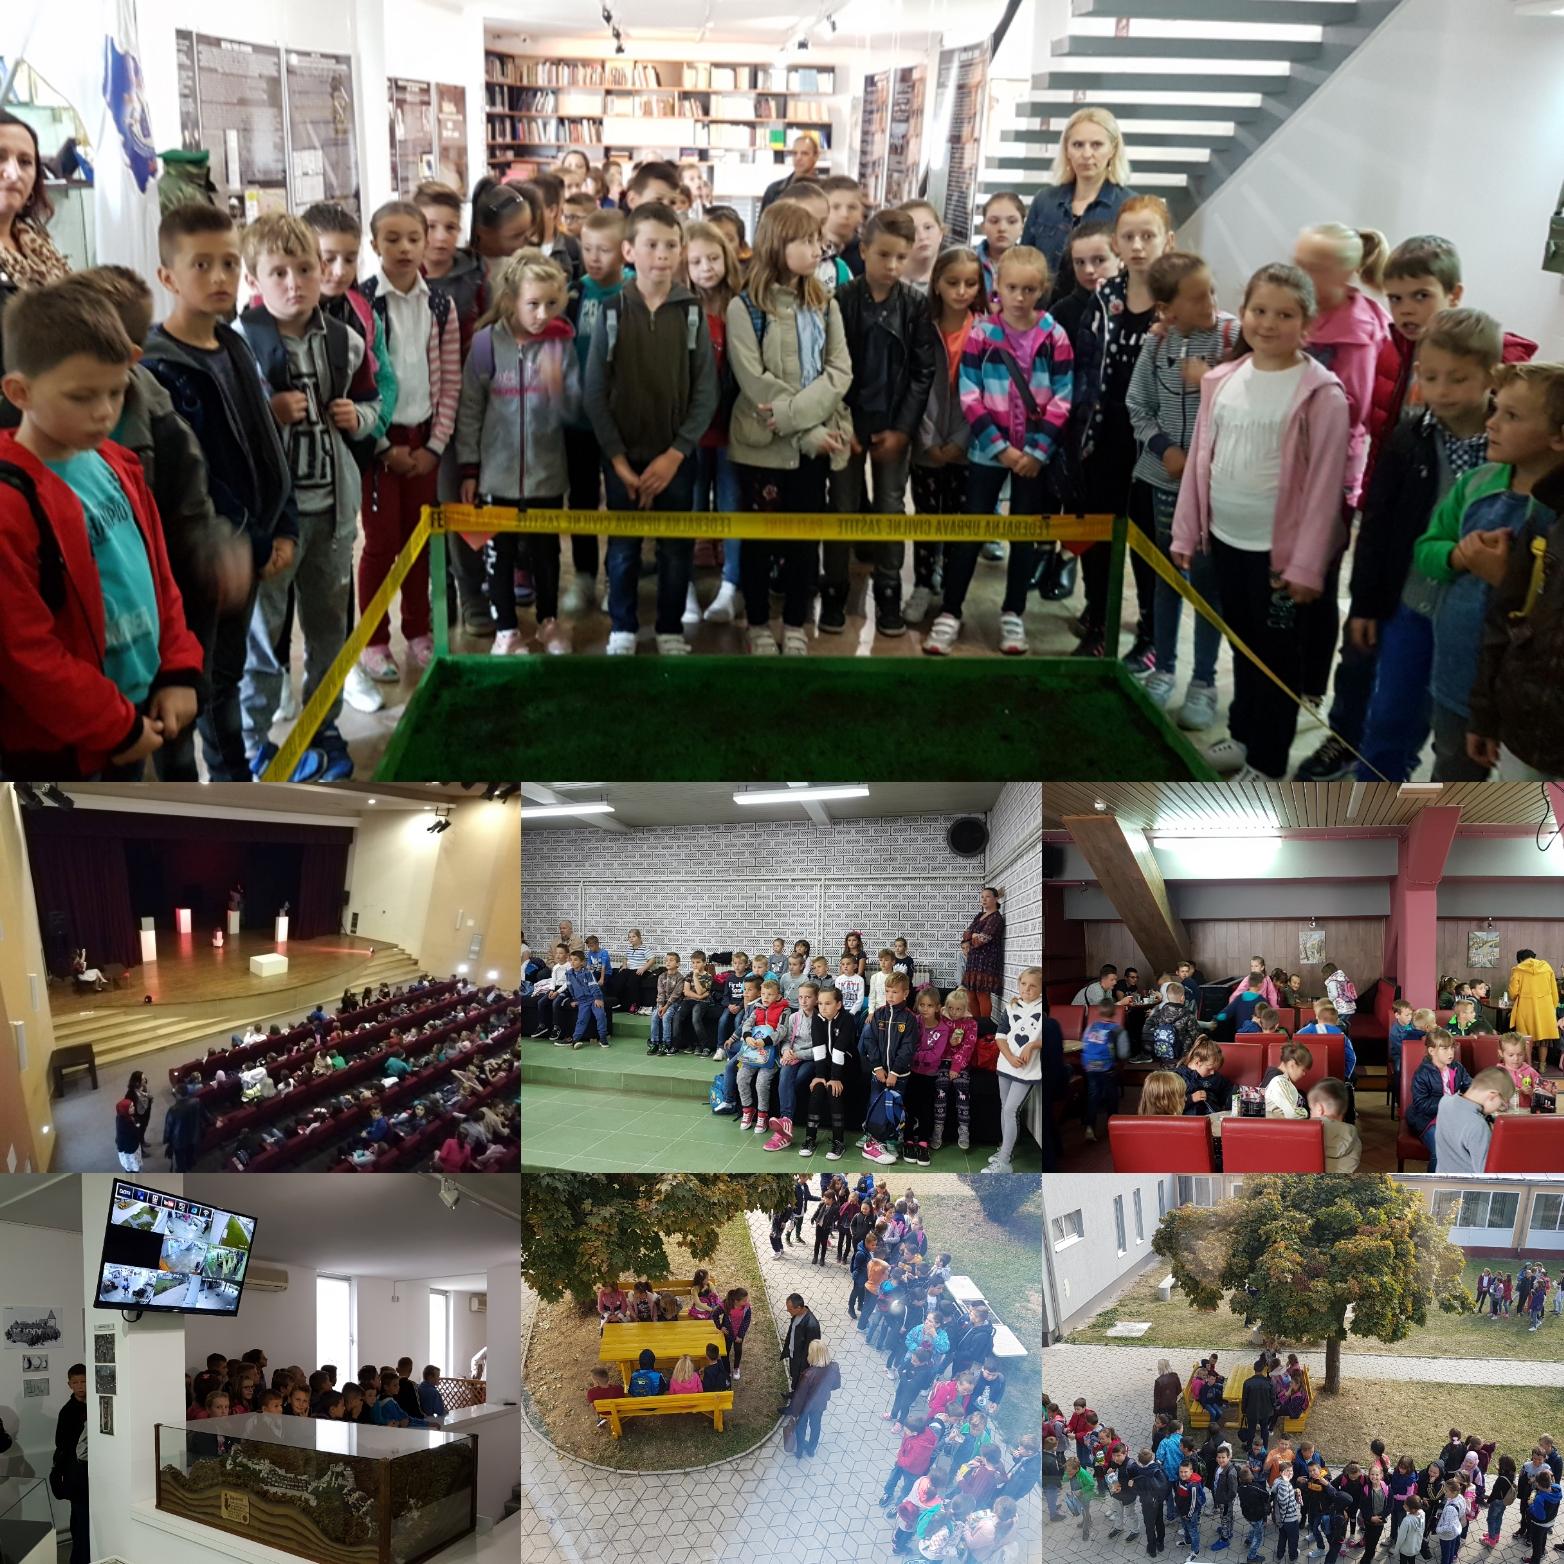 Učenici iz Zagrađa, Vukanovića, Tršća i iz Bijelih Voda danas posjetili JU KSC Kakanj / Tri časa u JU